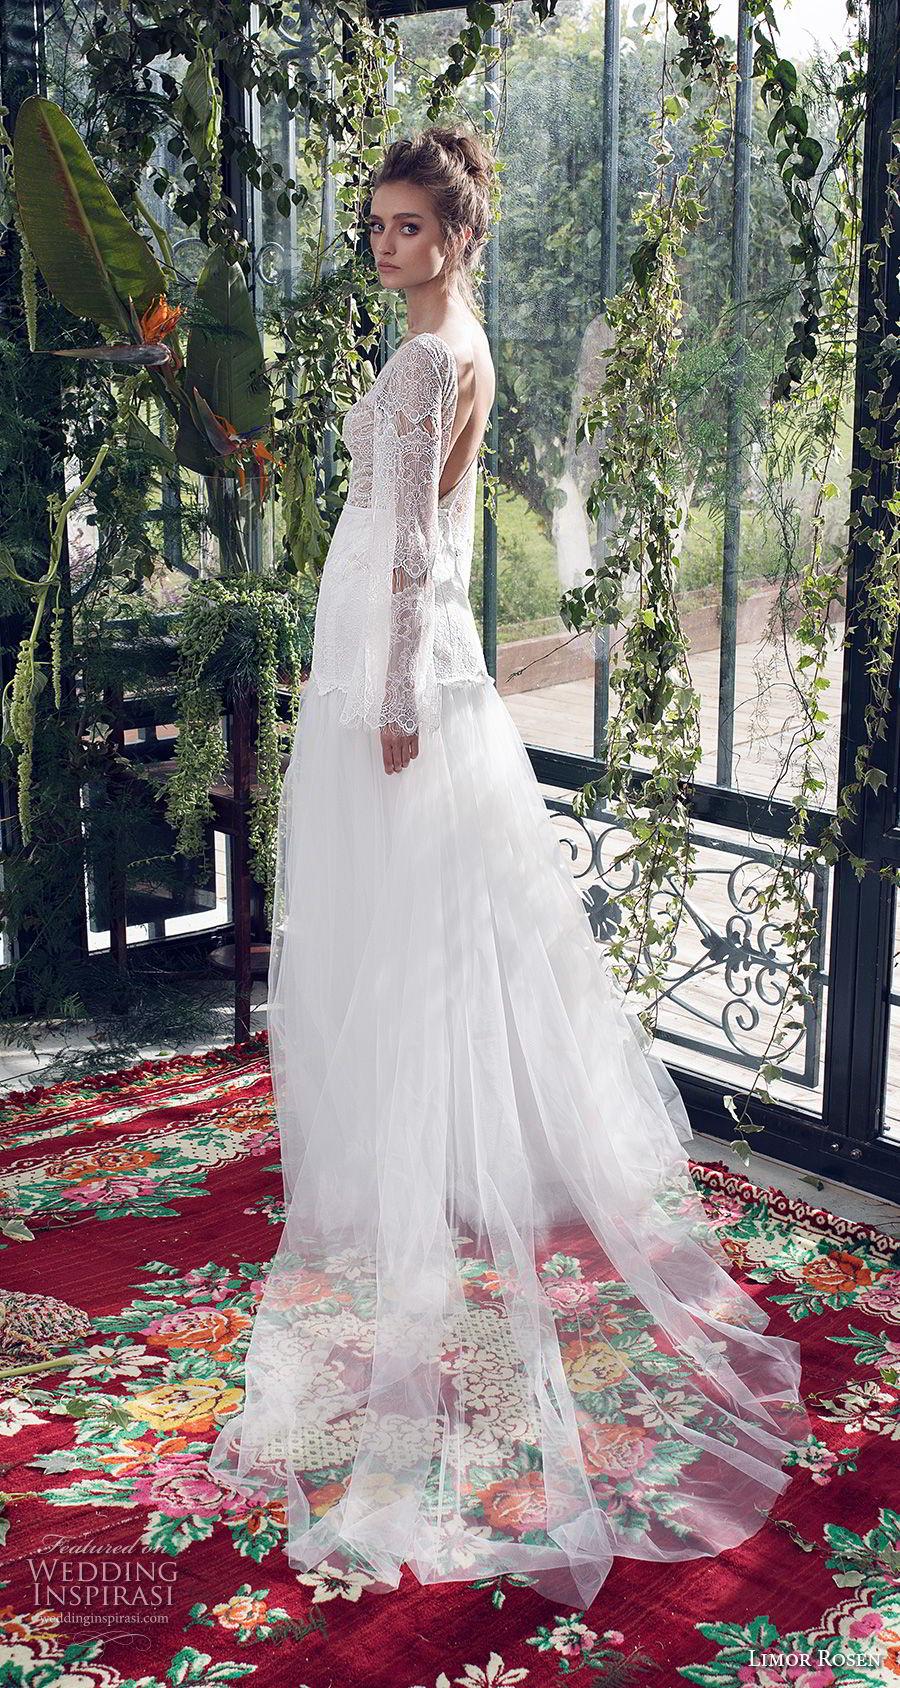 limor rosen 2019 xo bridal long bell sleeves v neck heavily embellished bodice tulle skirt romantic bohemian a  line wedding dress low open back chapel train (1) bv